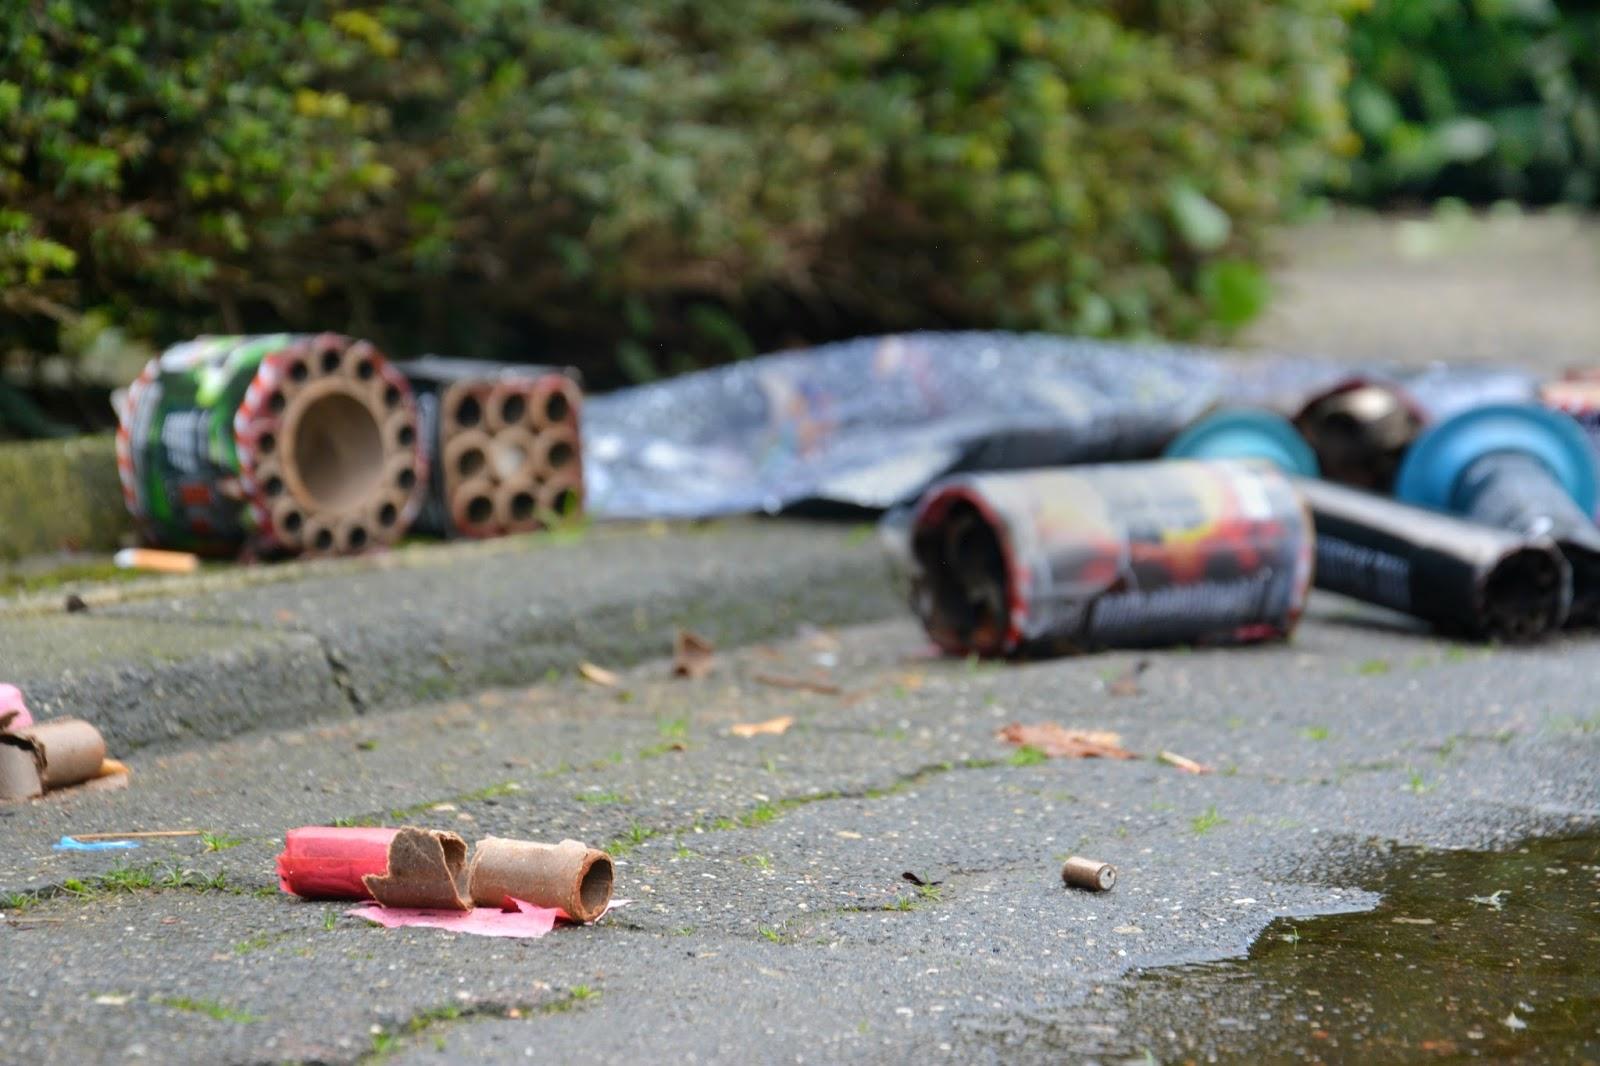 Firework Packaging Left On The Street